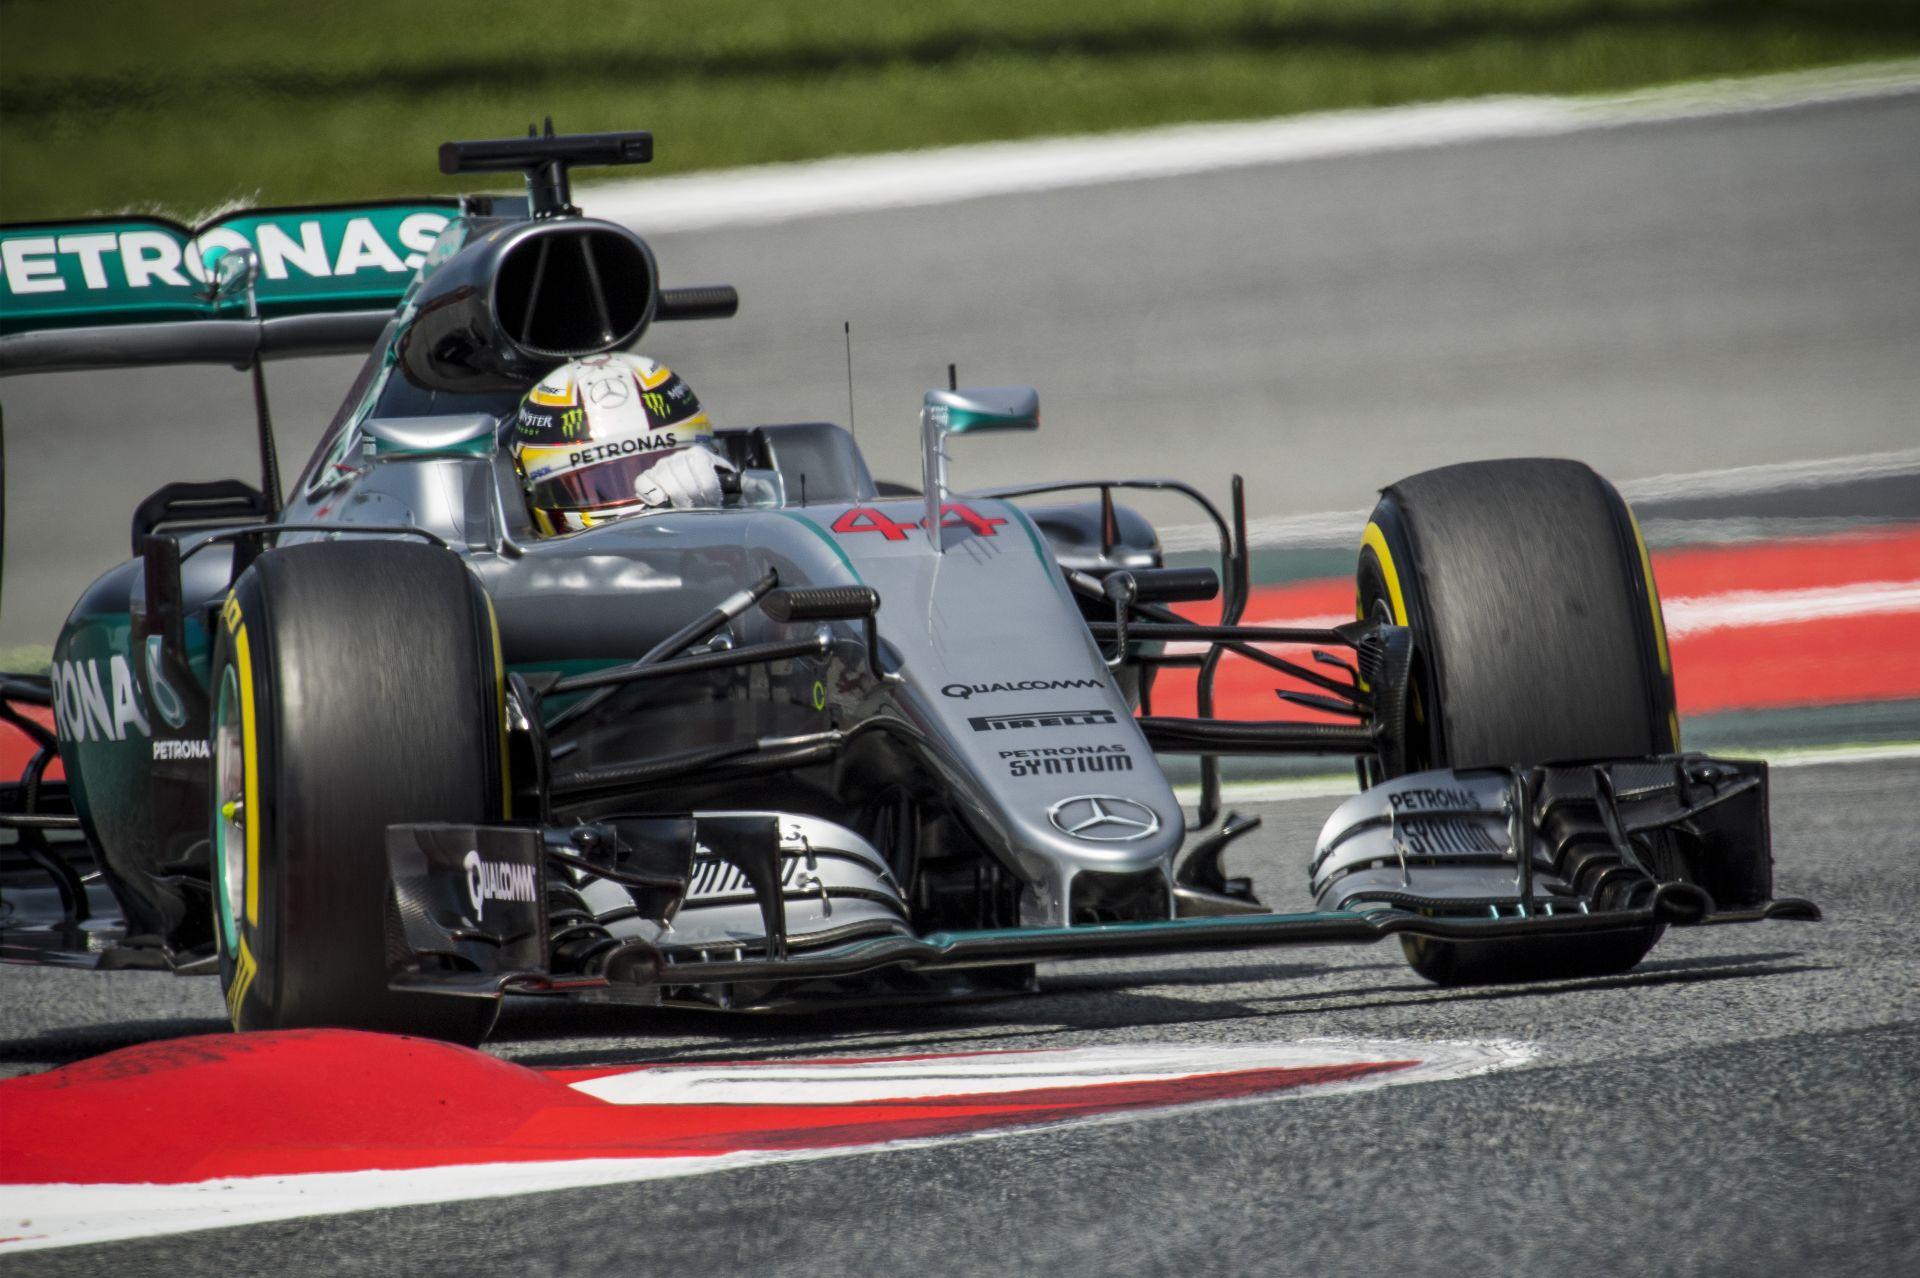 Hamilton senkit sem hibáztat, óriási bocsánatkérés a Mercedes irányába